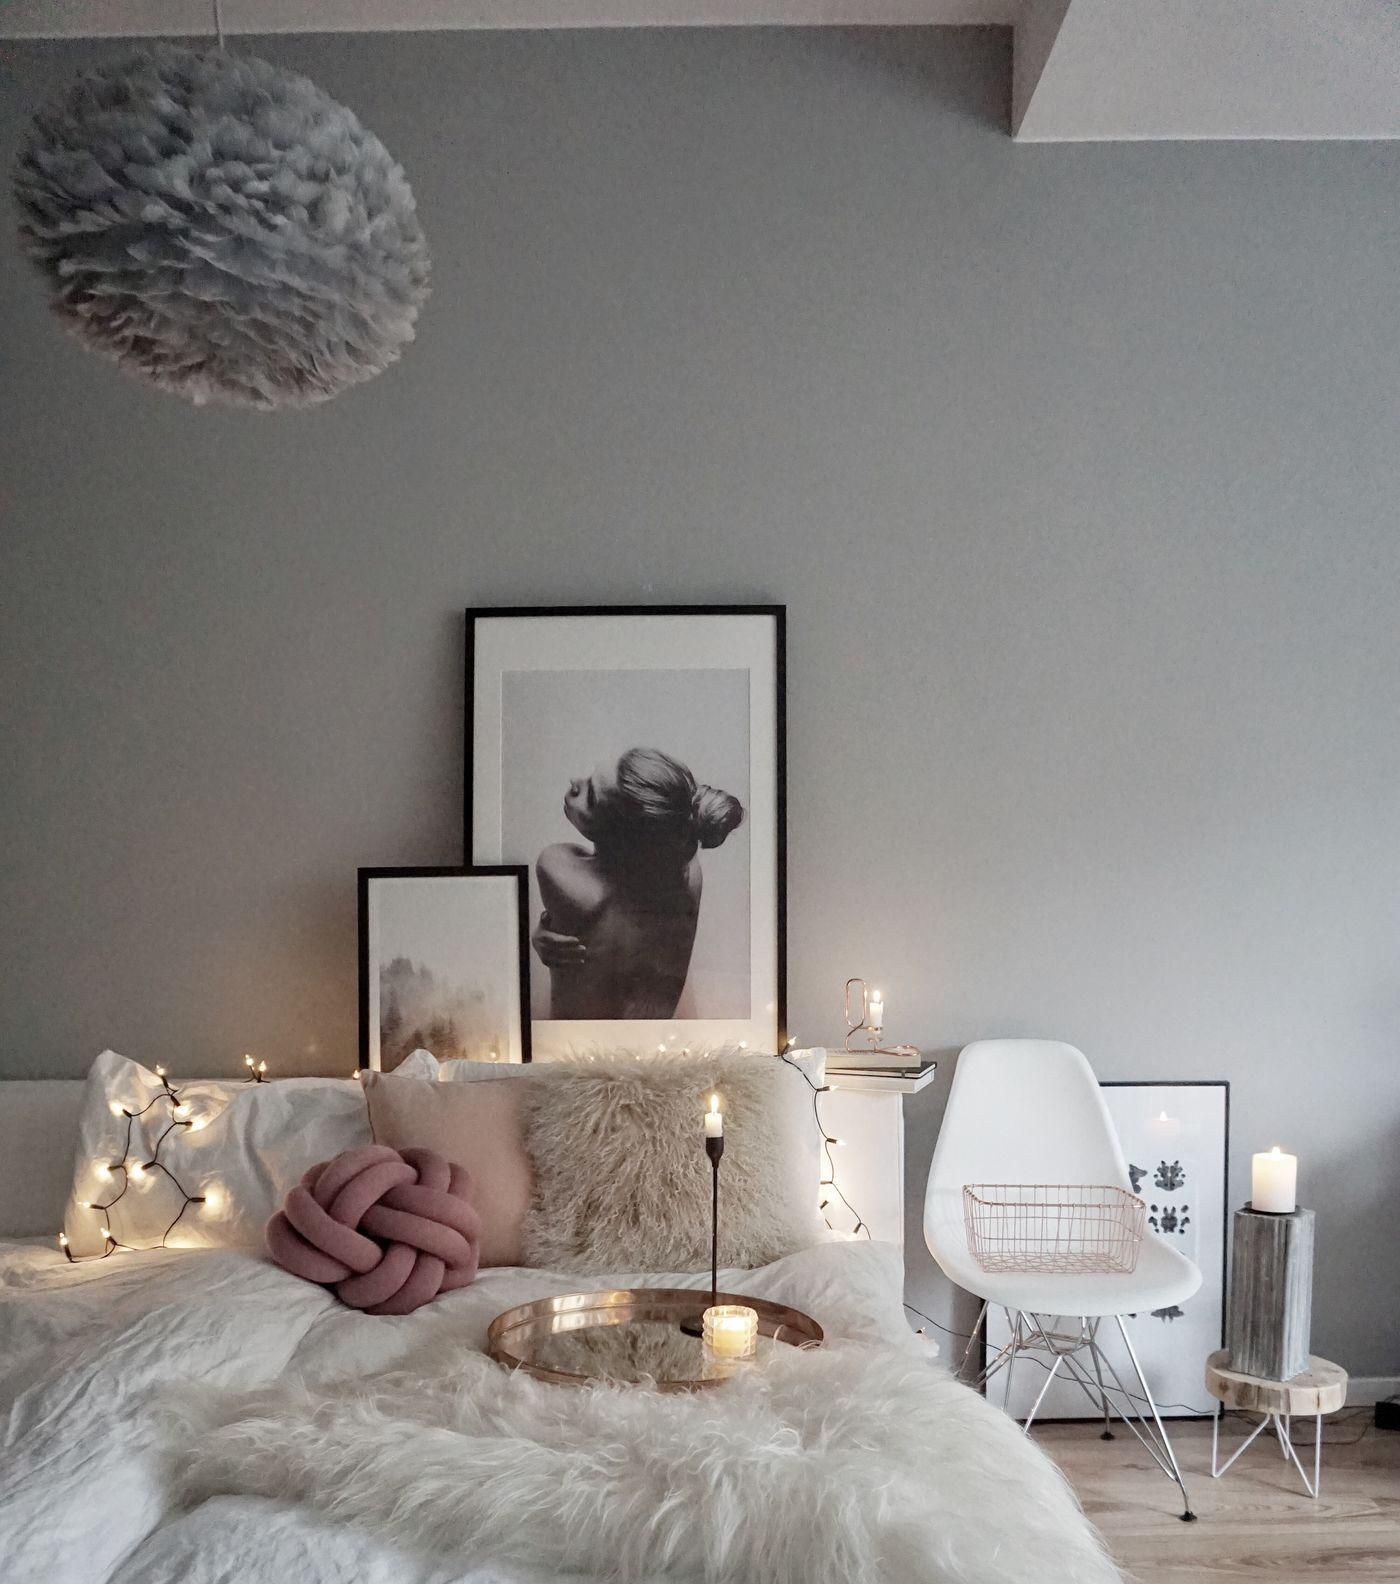 Schlafzimmer: Ideen Zum Einrichten & Gestalten